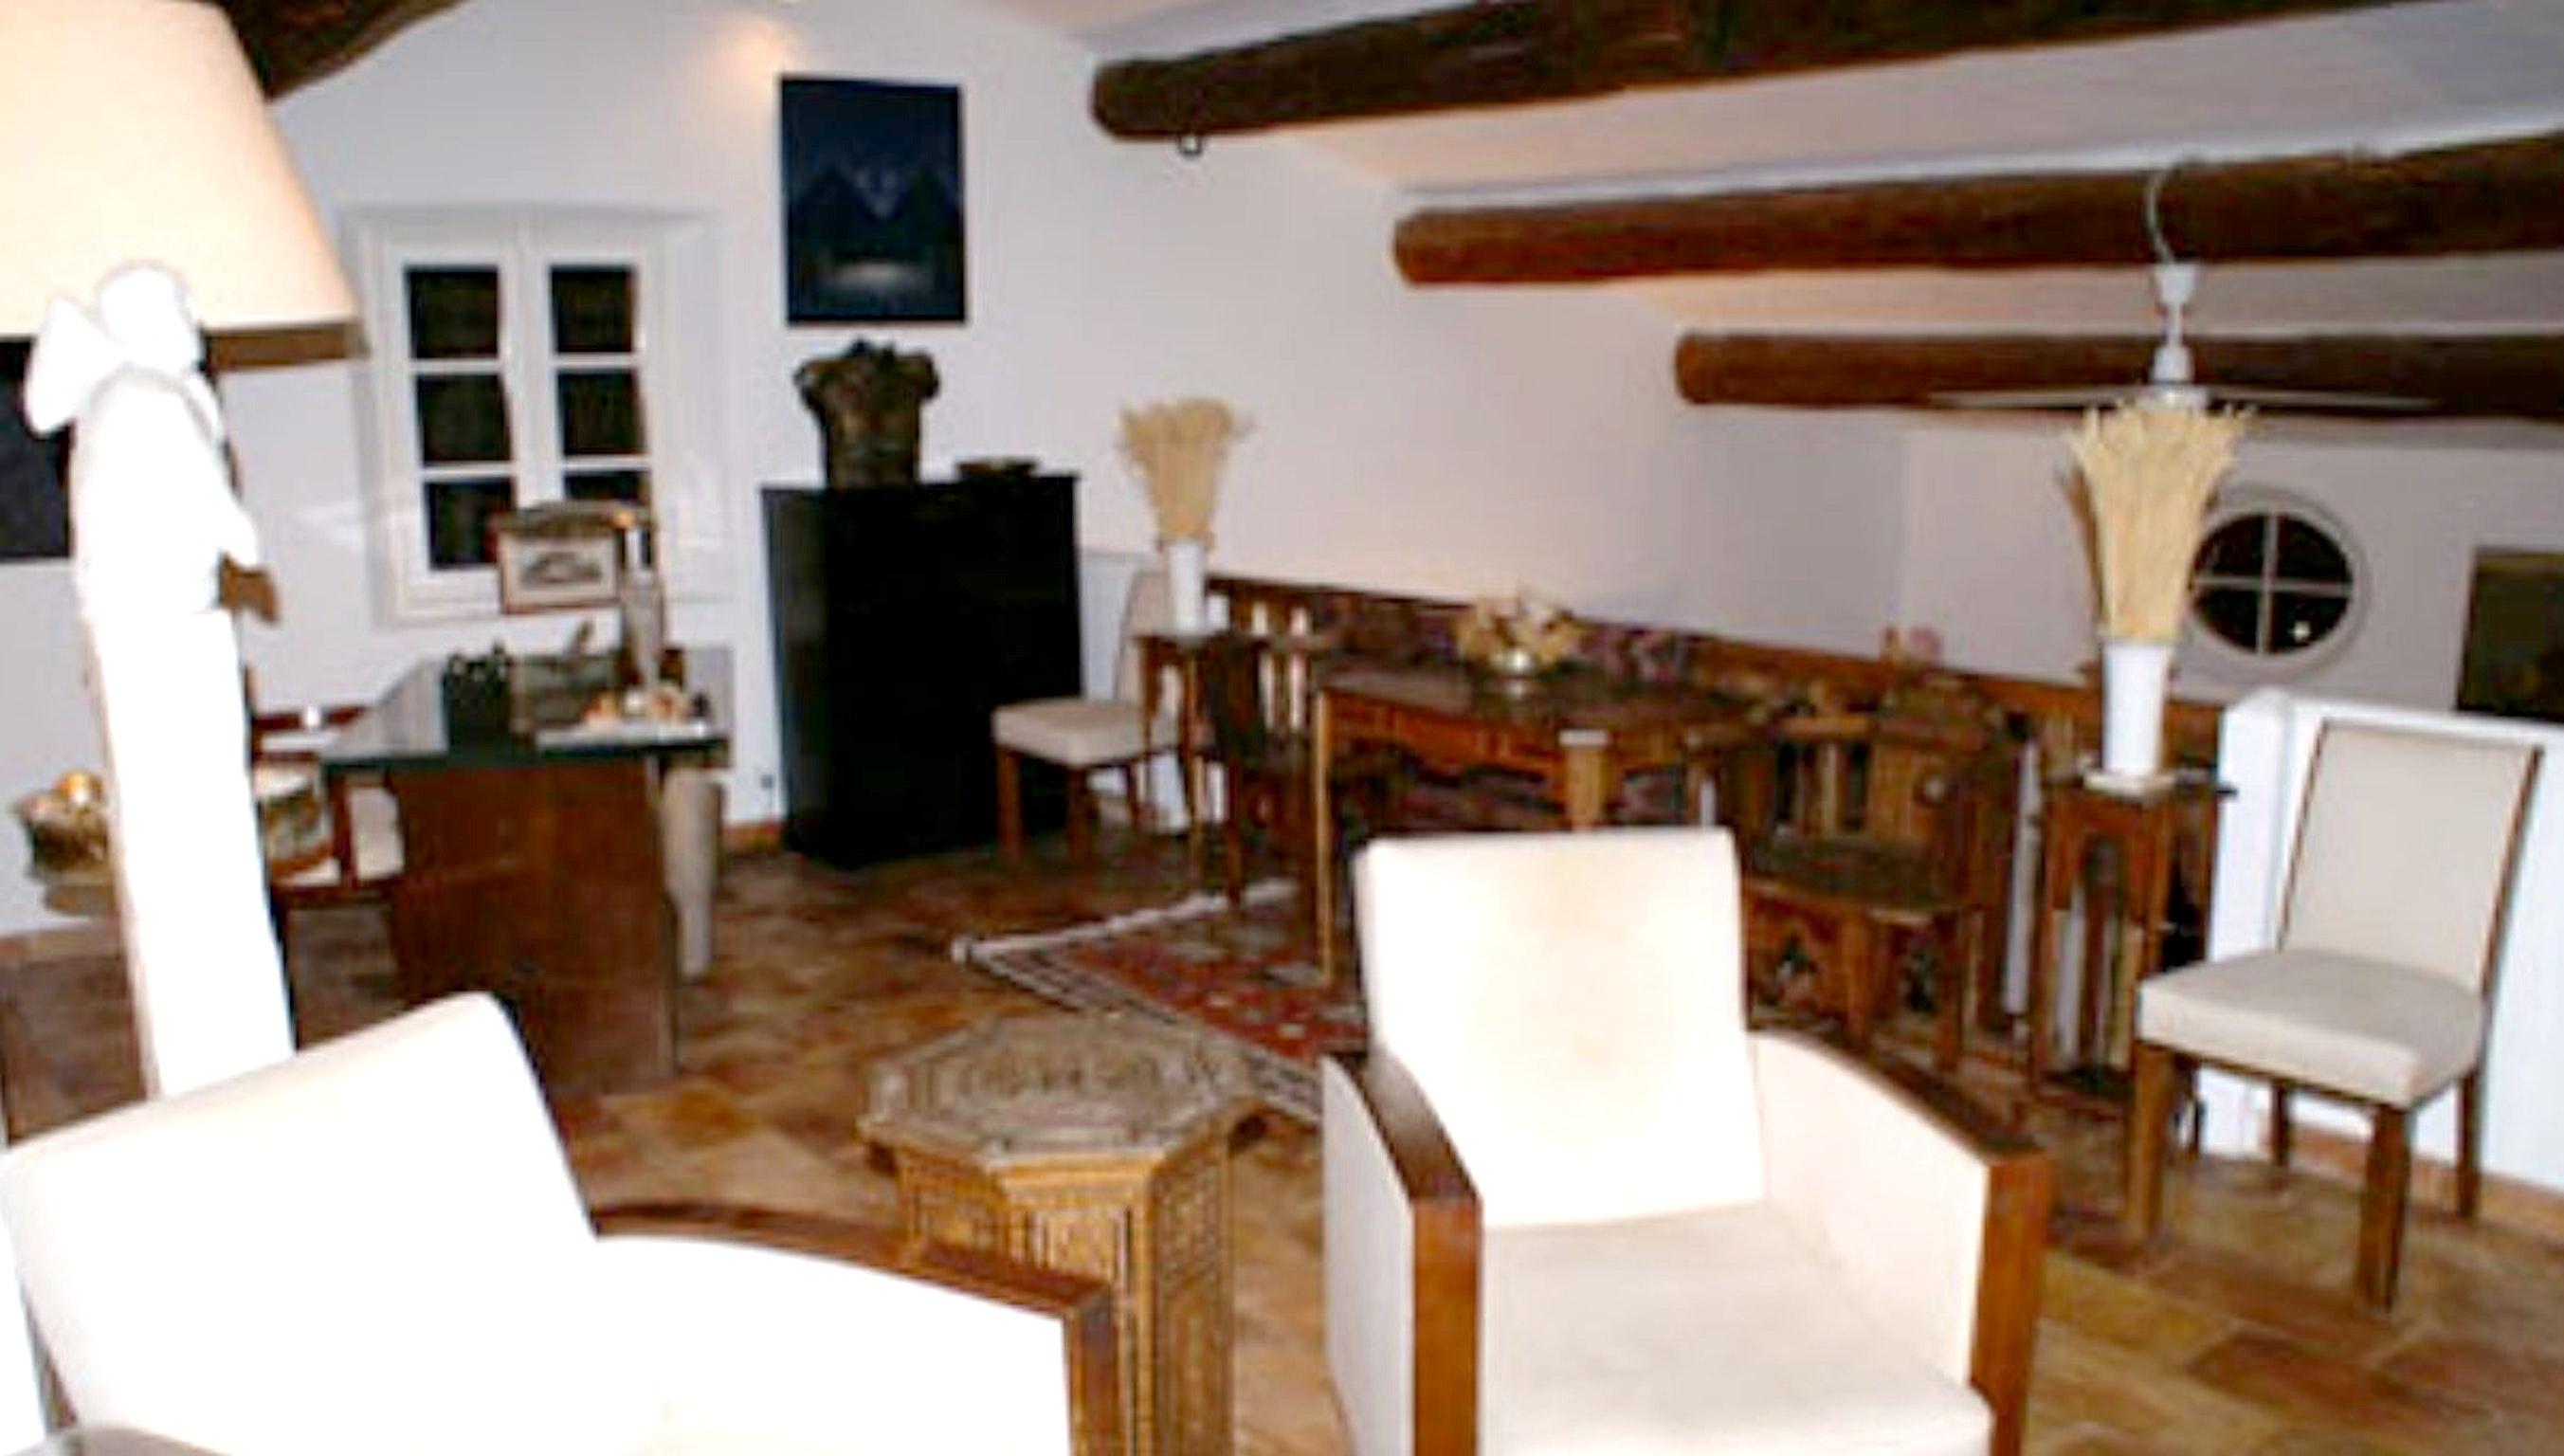 Maison de vacances Villa mit 5 Zimmern in La Garde-Freinet mit privatem Pool, Garten und W-LAN - 20 km vom St (2339879), La Garde Freinet, Côte d'Azur, Provence - Alpes - Côte d'Azur, France, image 11